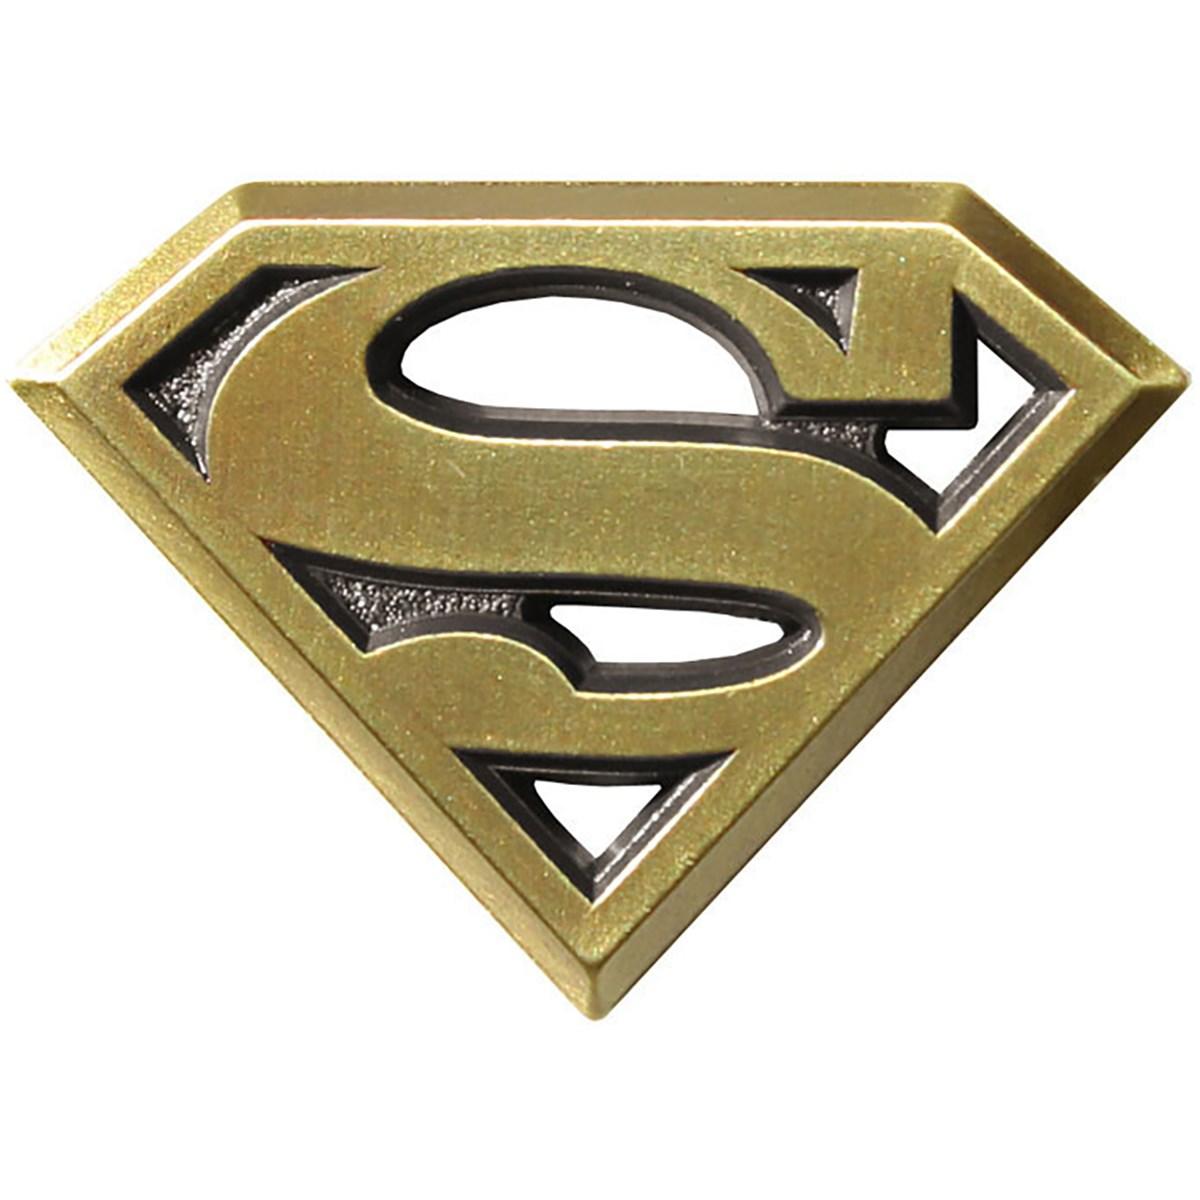 その他メーカー スーパーマン ビッグマーカー